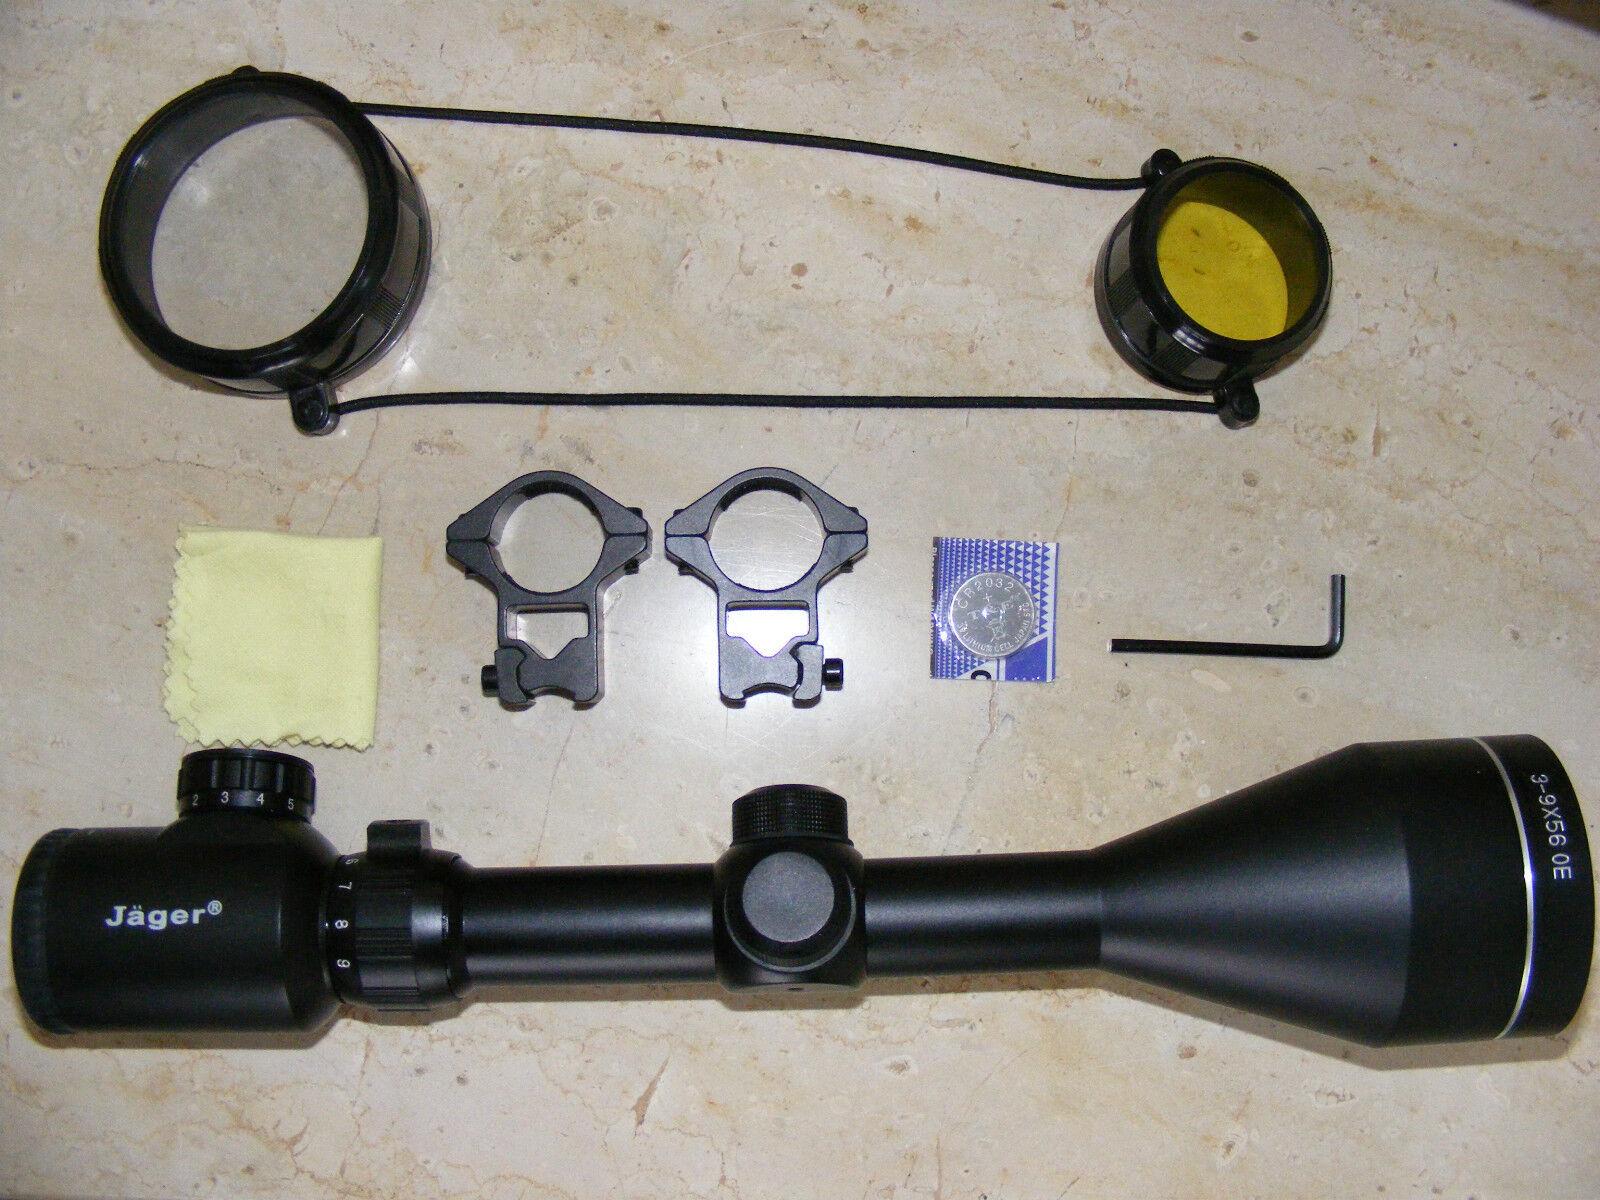 Mira telescópica de rifle de aire 6-24x50 leuchtabsehen nuevo  Softair practiqué